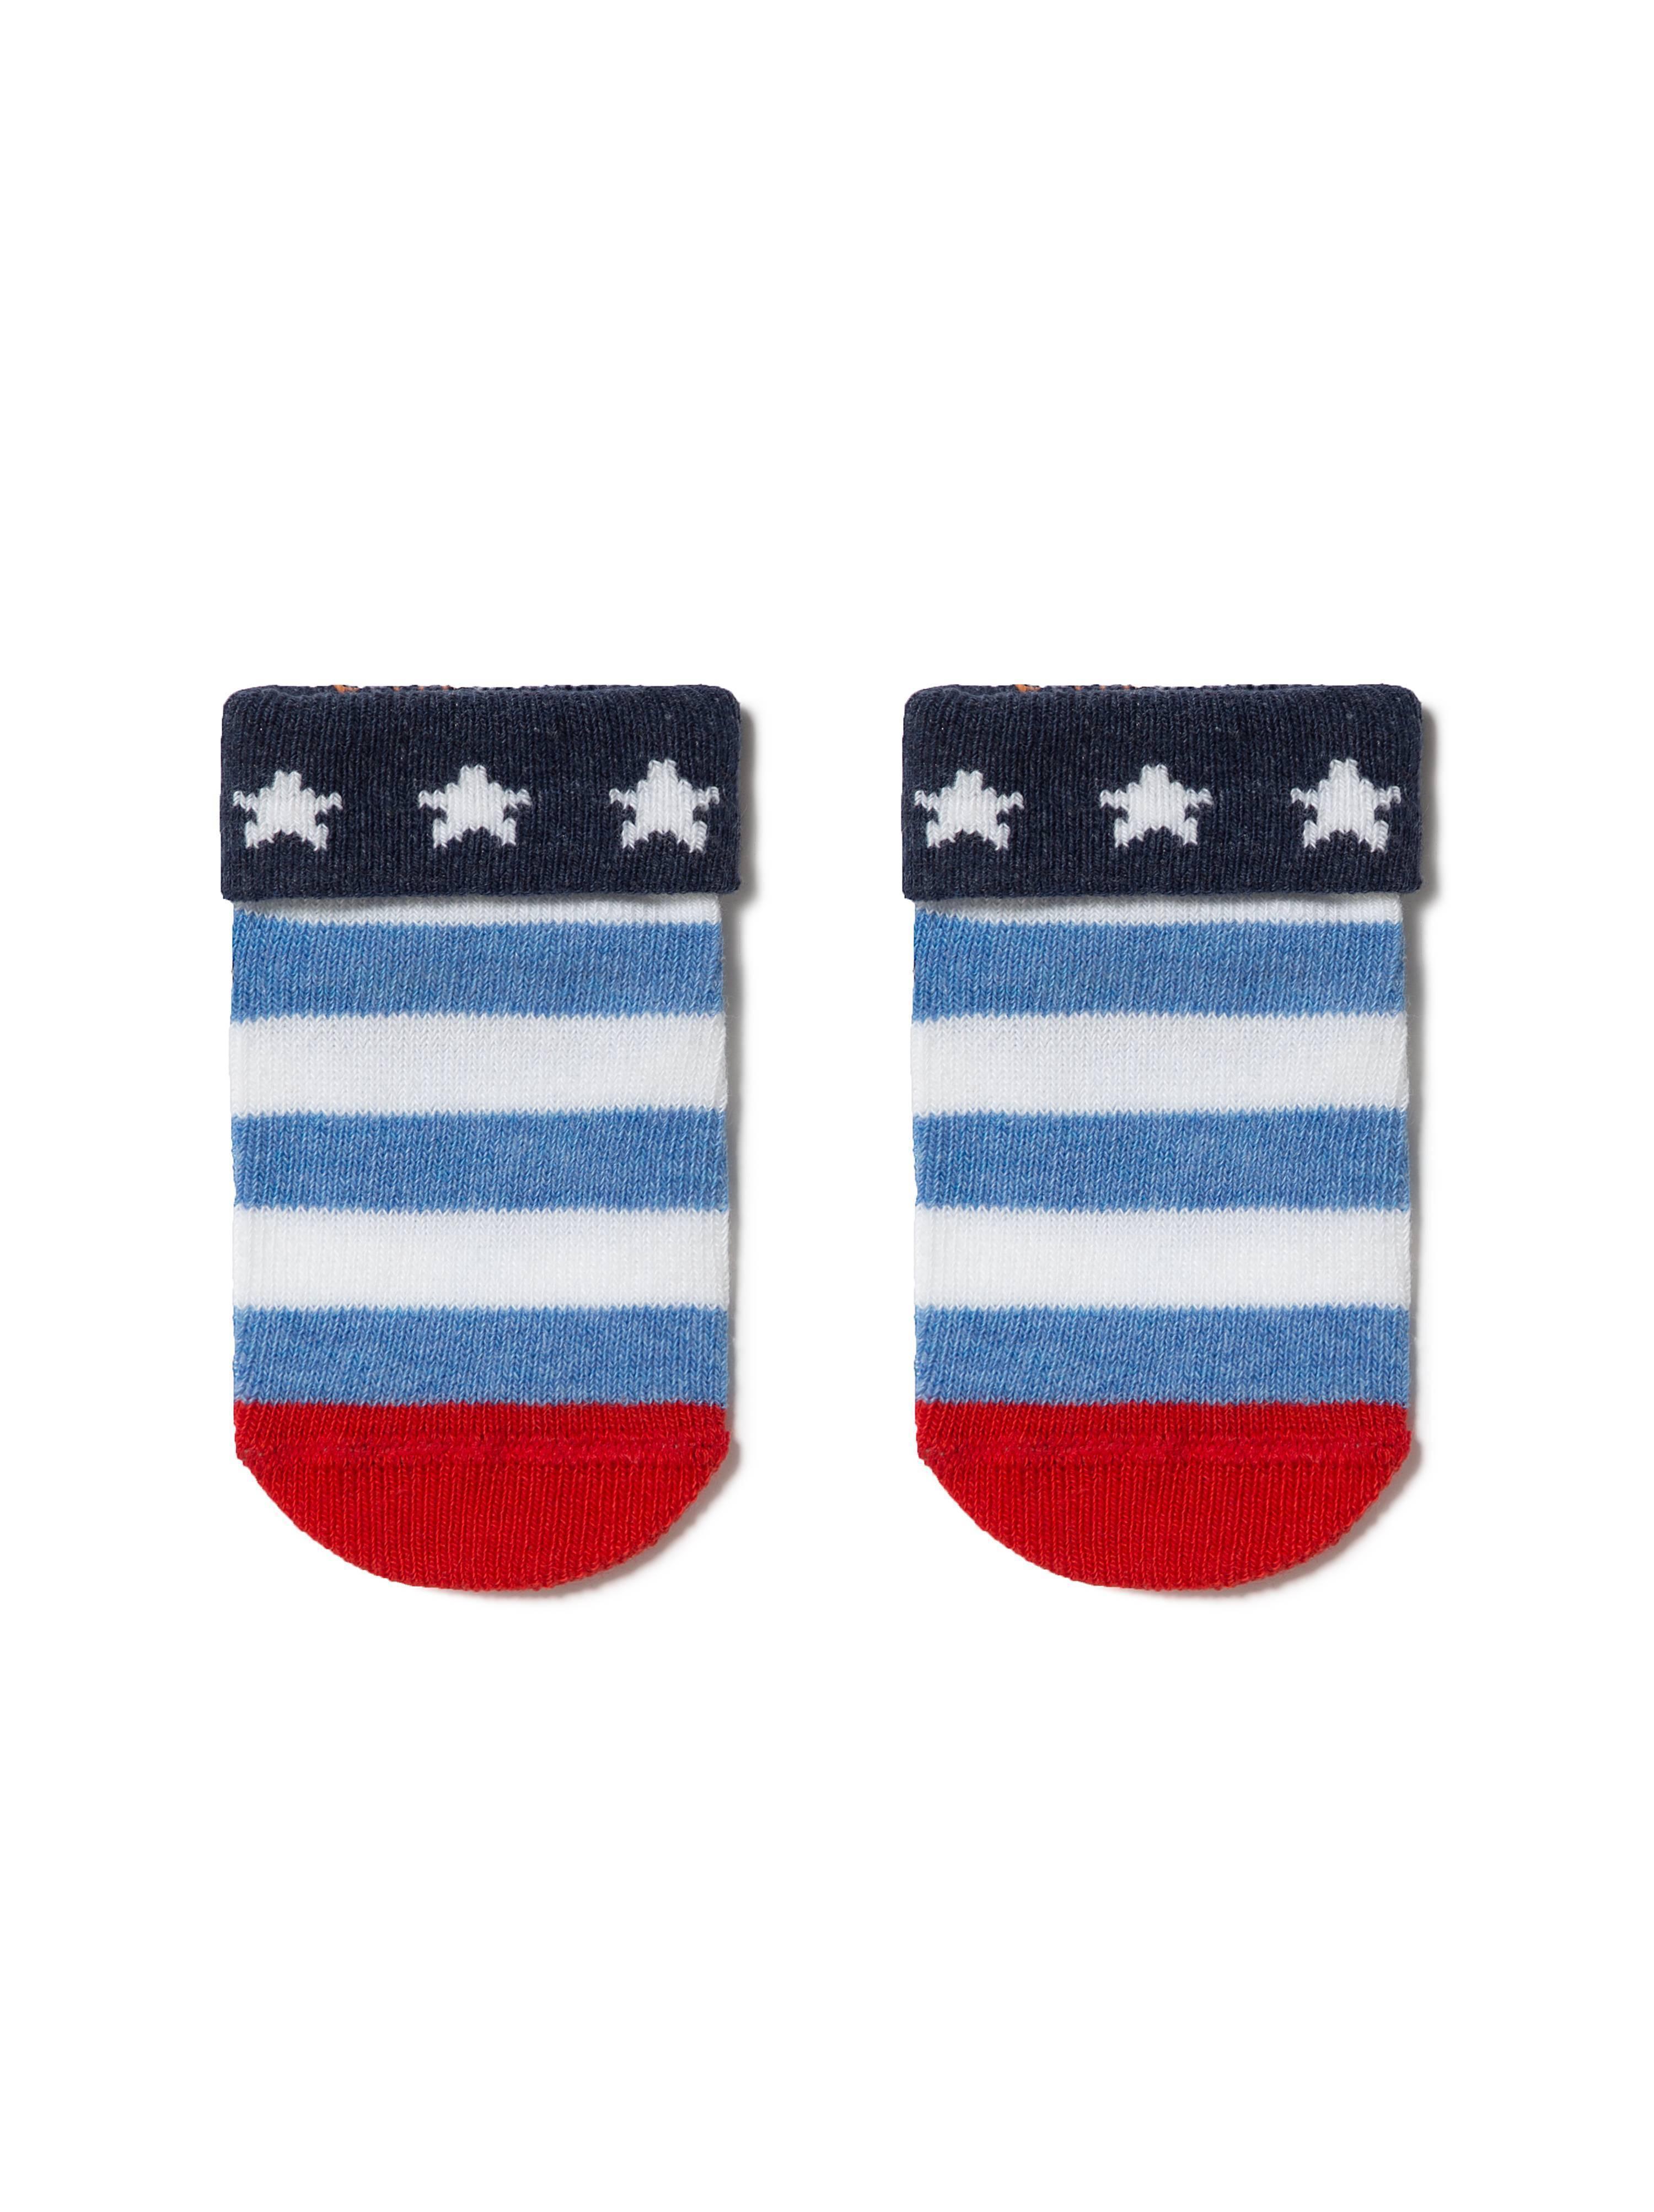 Носки детские ⭐️ Хлопковые носки TIP-TOP для малышей ⭐️